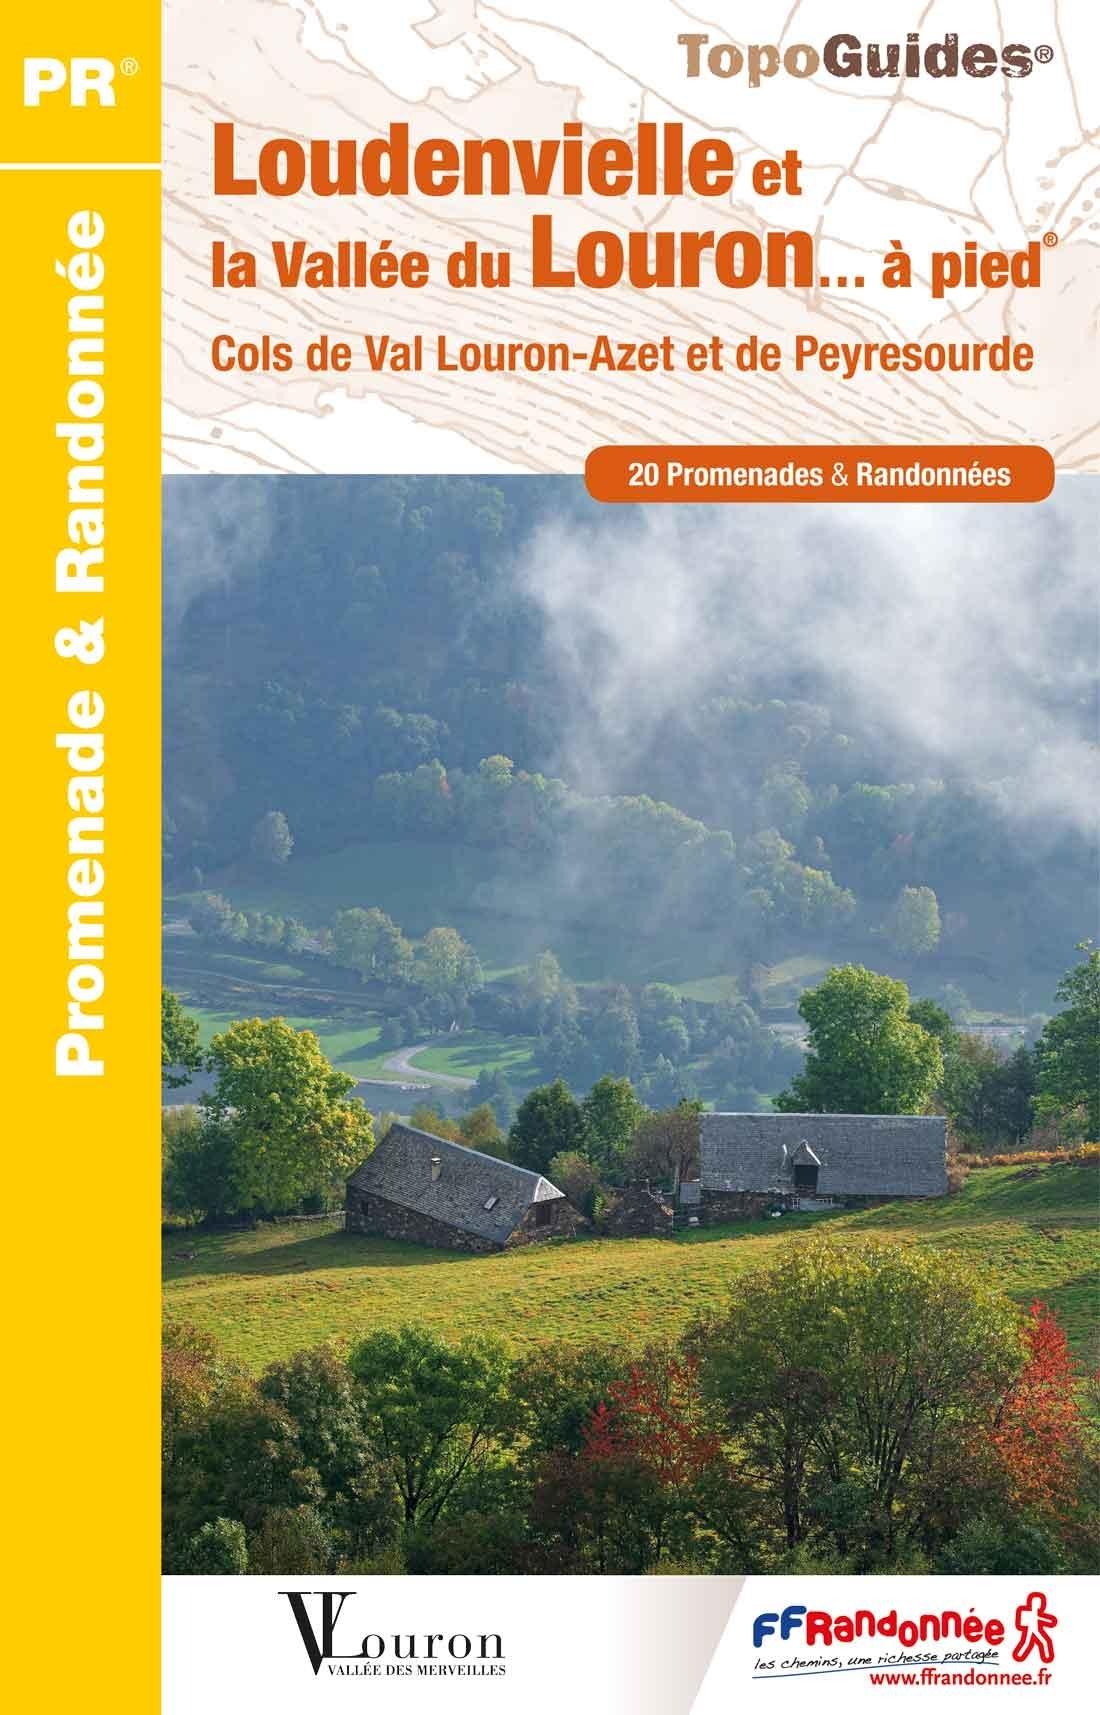 Loudenvielle et la vallée du Louron à pied